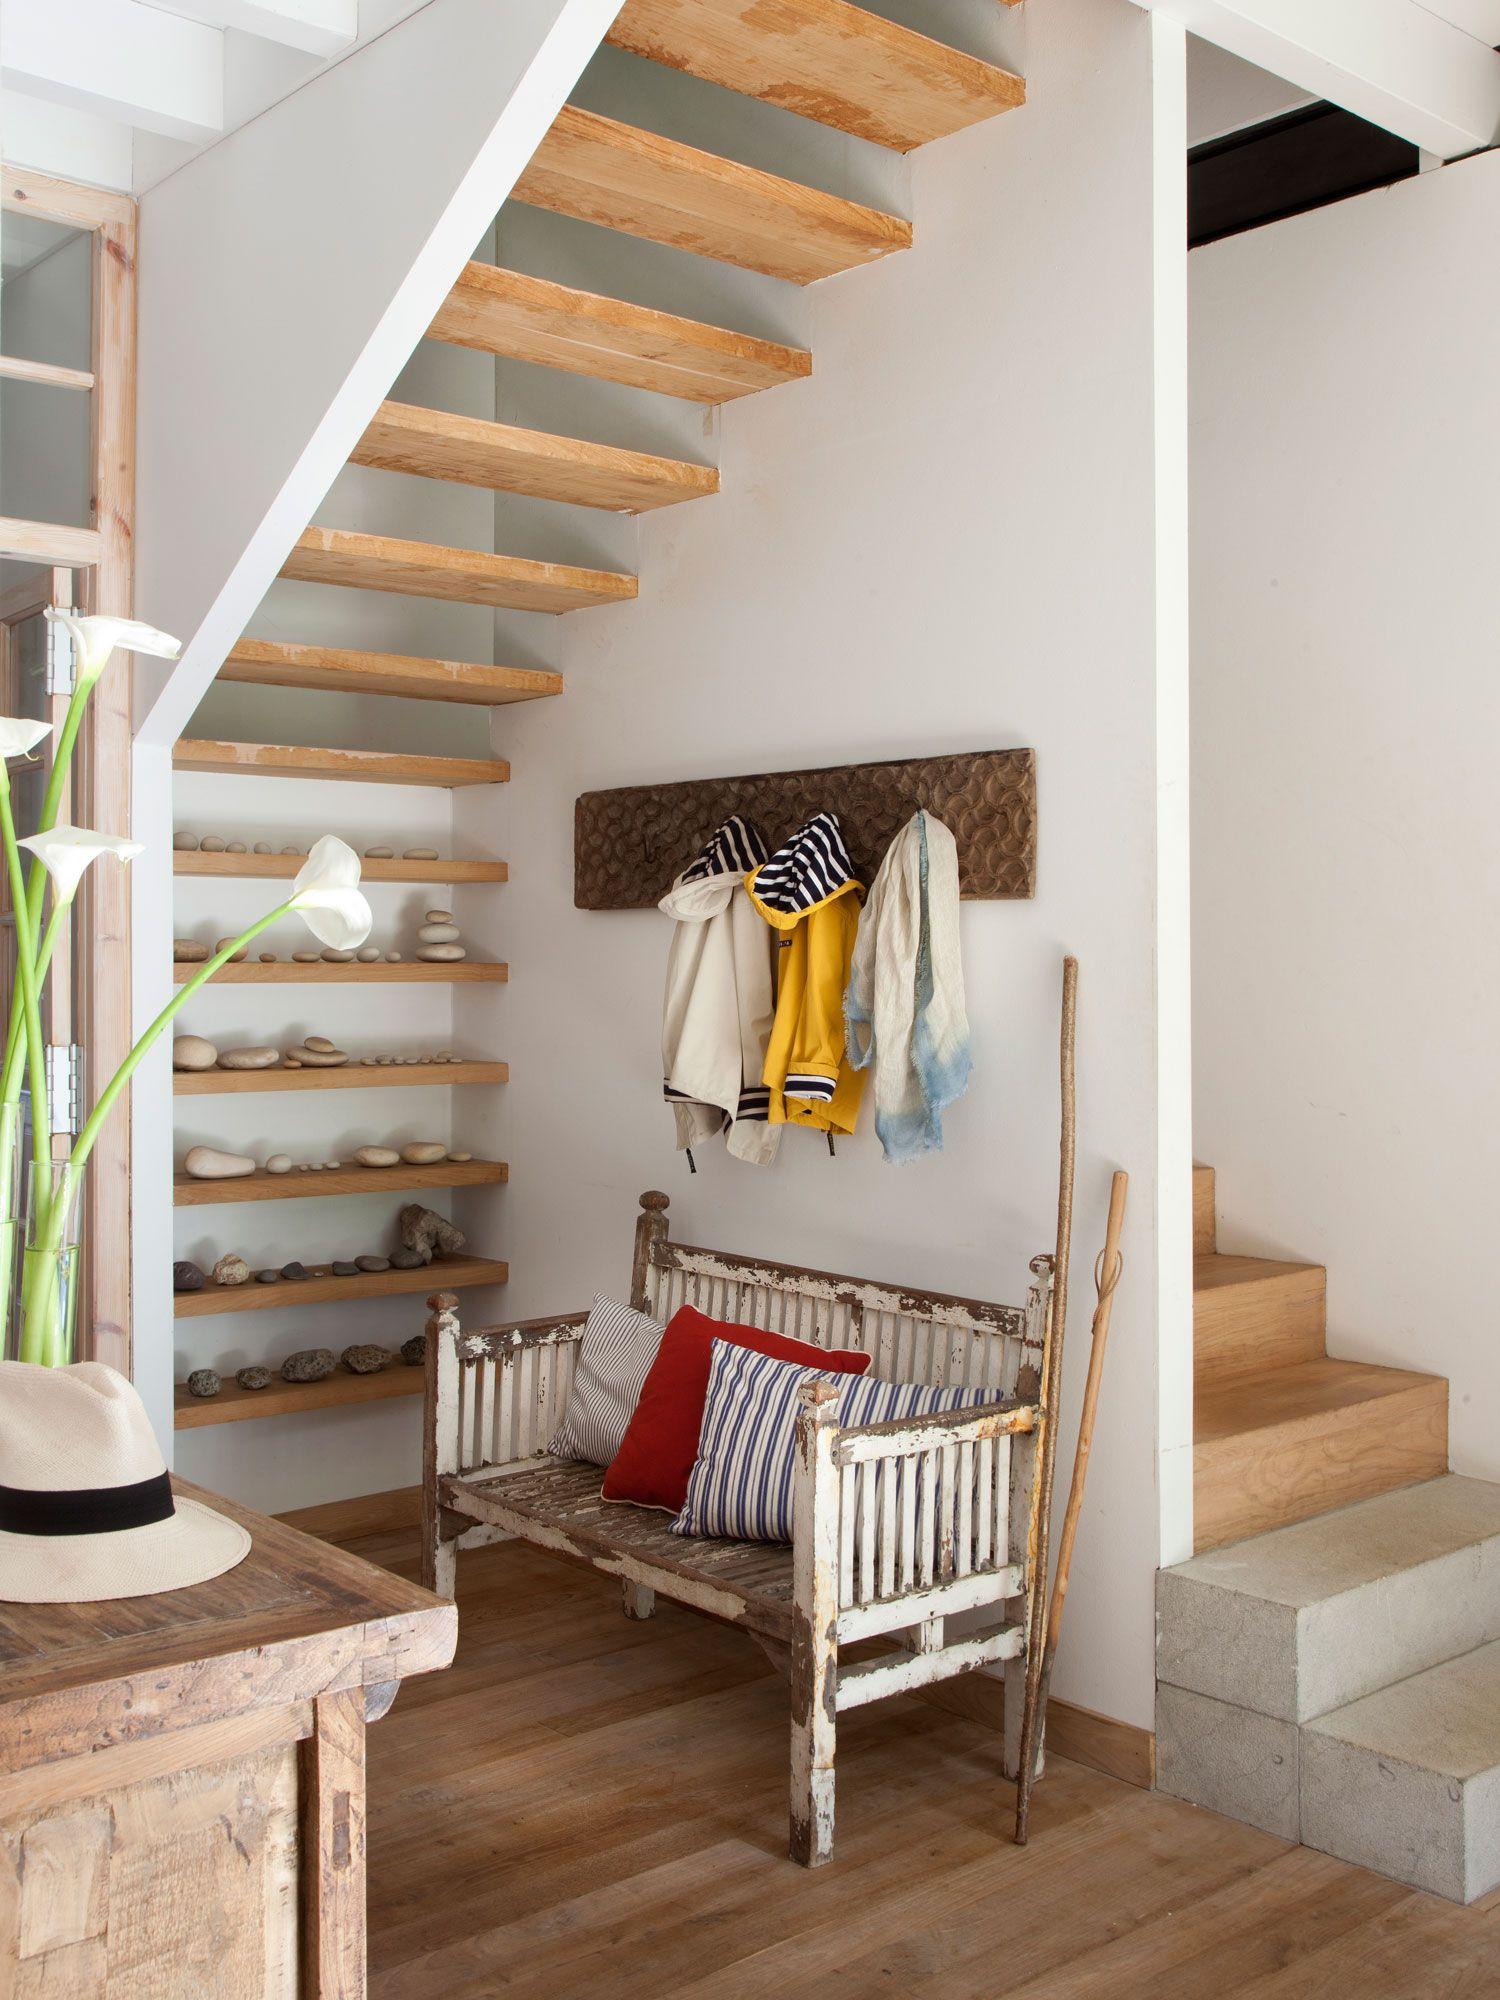 Recibidor con escalera con pelda os de madera el hueco for Bajo escaleras de madera